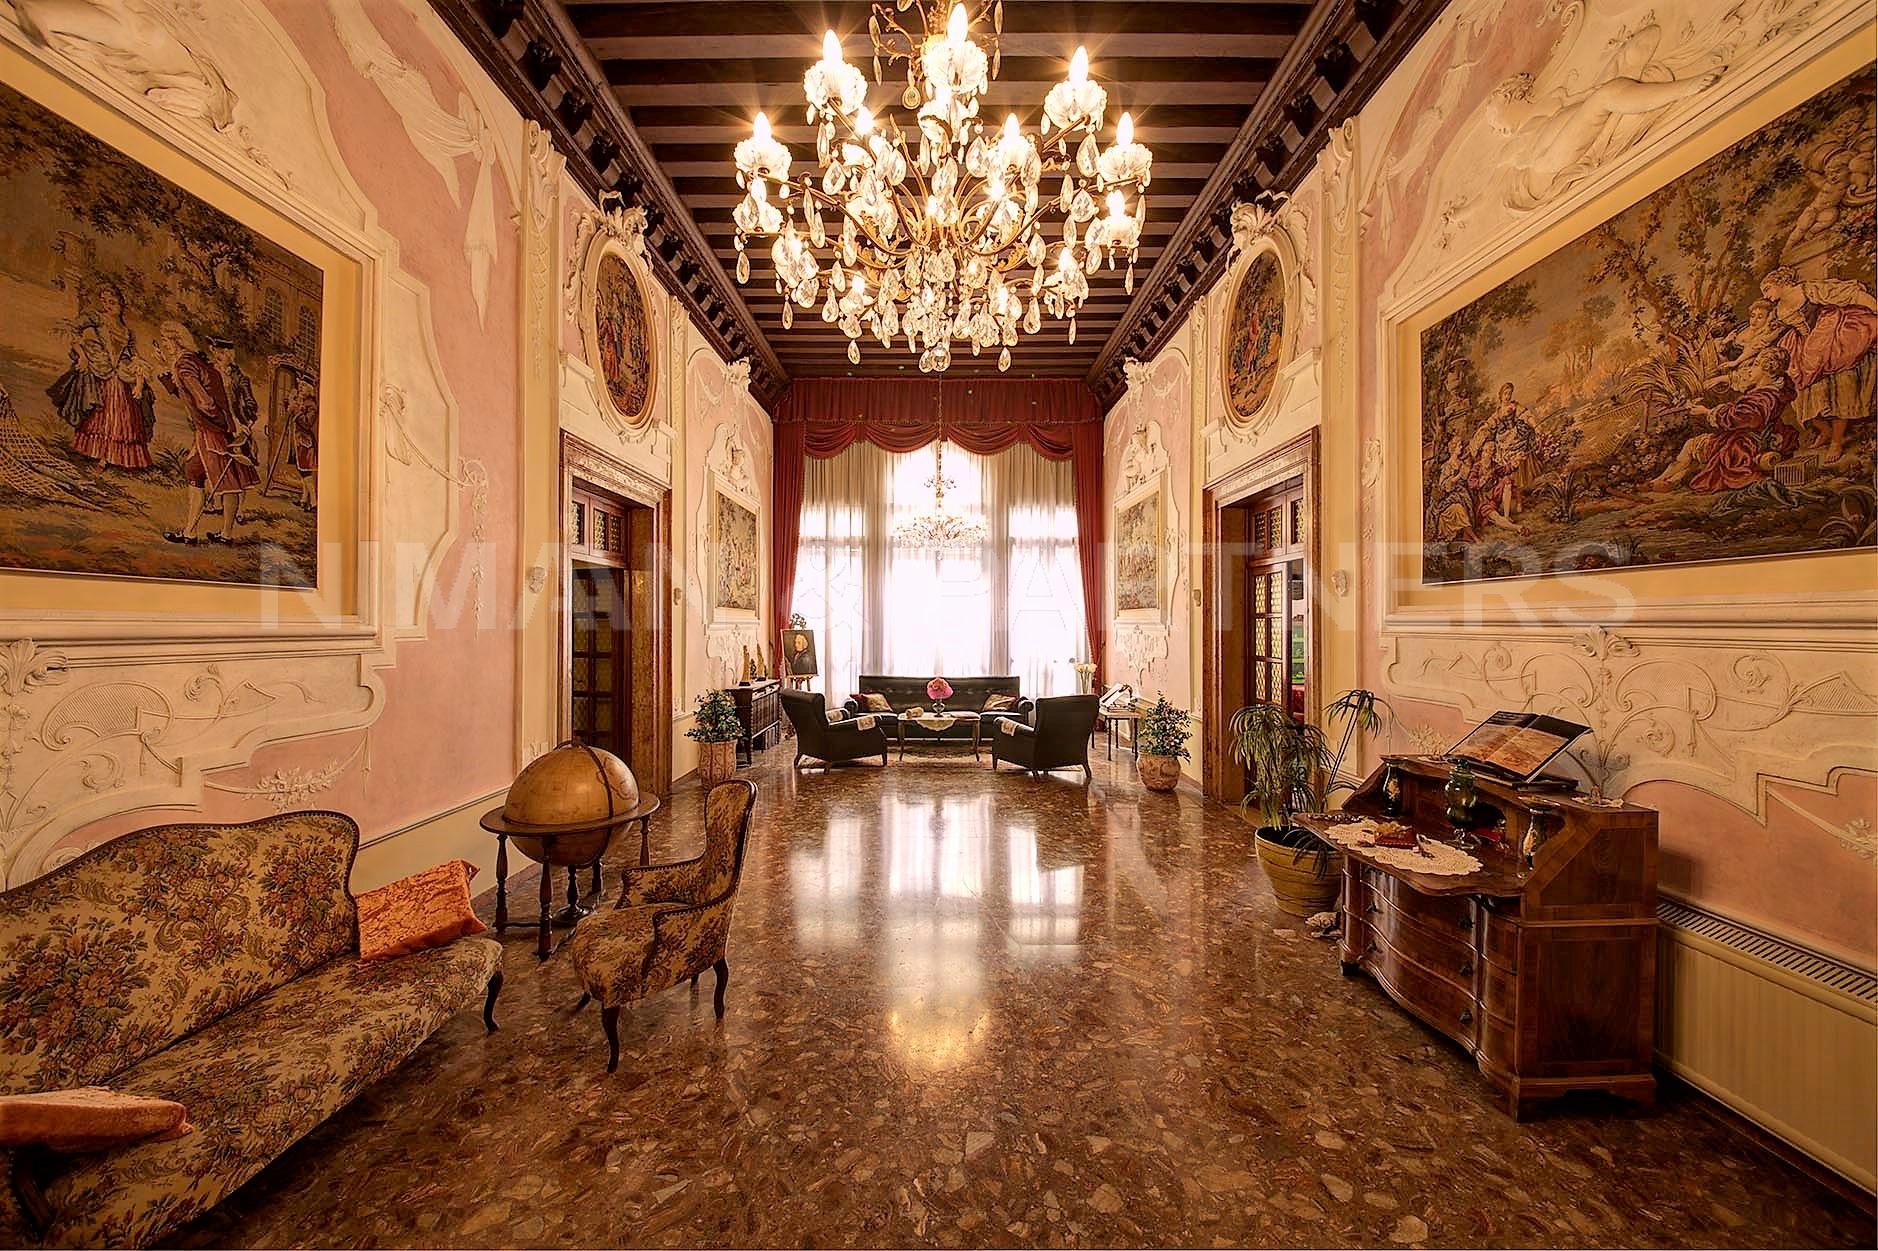 Appartamento in vendita a Venezia, 8 locali, zona Zona: 3 . Cannaregio, prezzo € 1.150.000 | CambioCasa.it